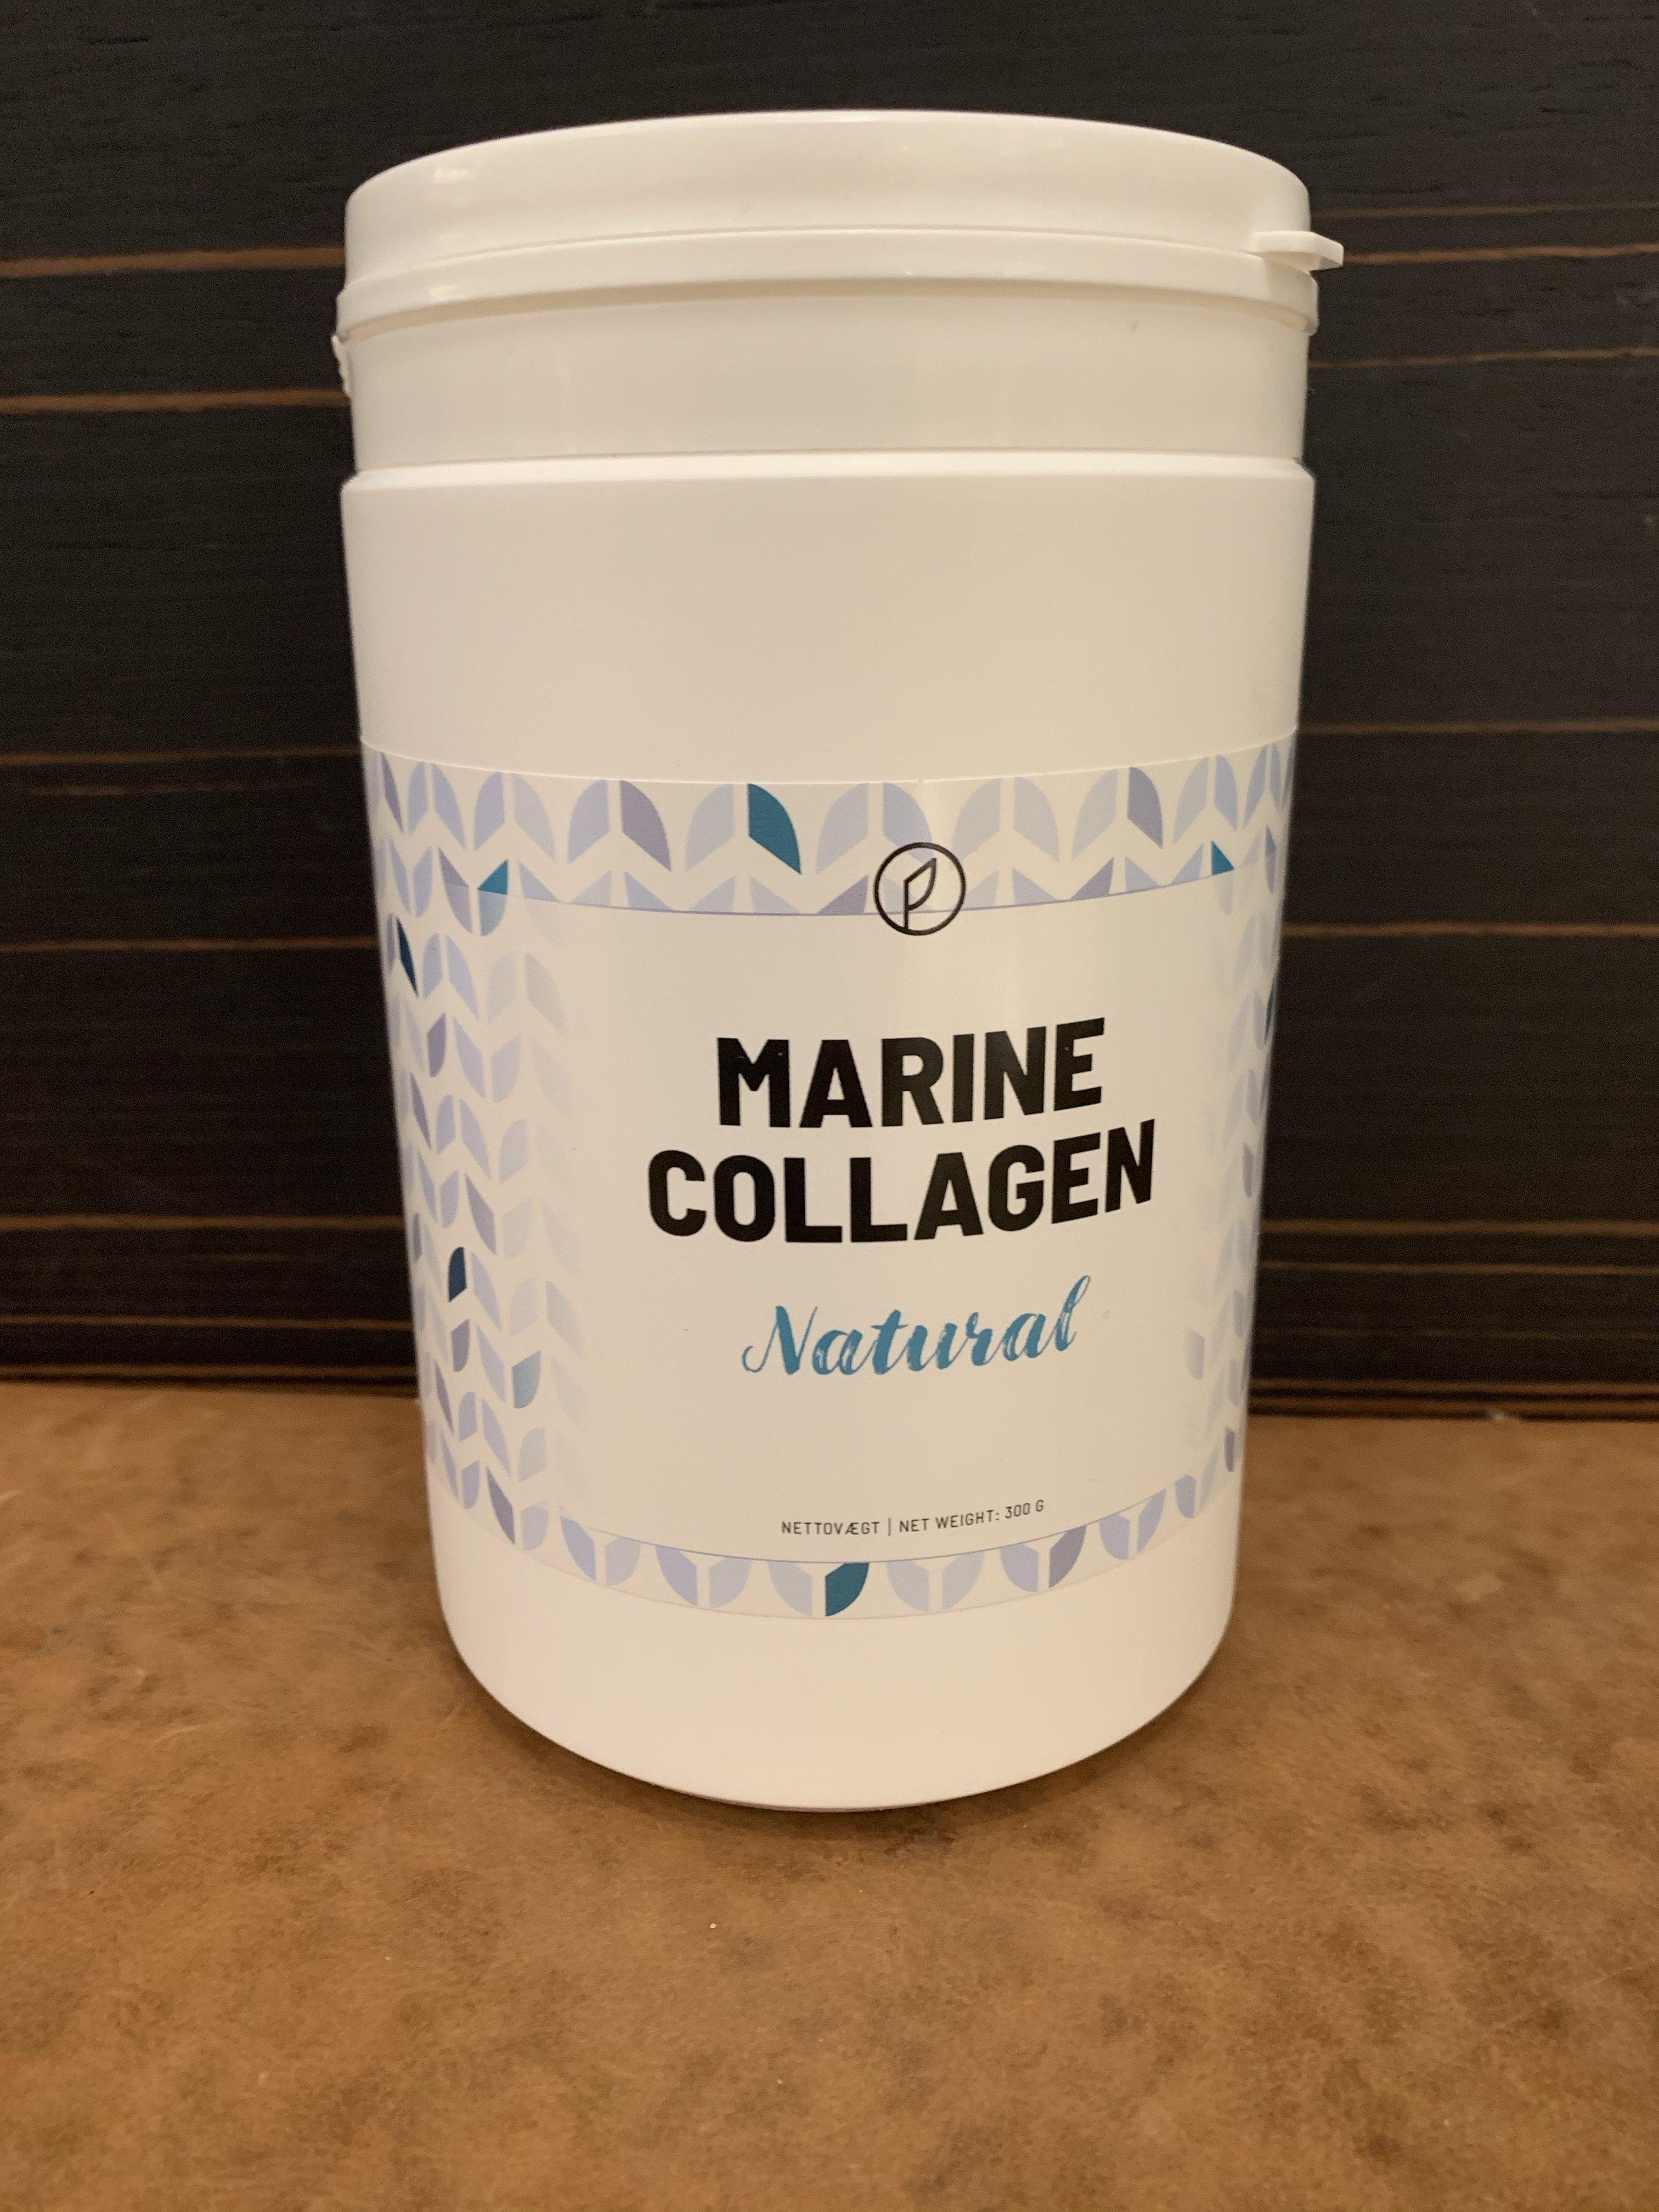 Plent Marine Collagen neutral